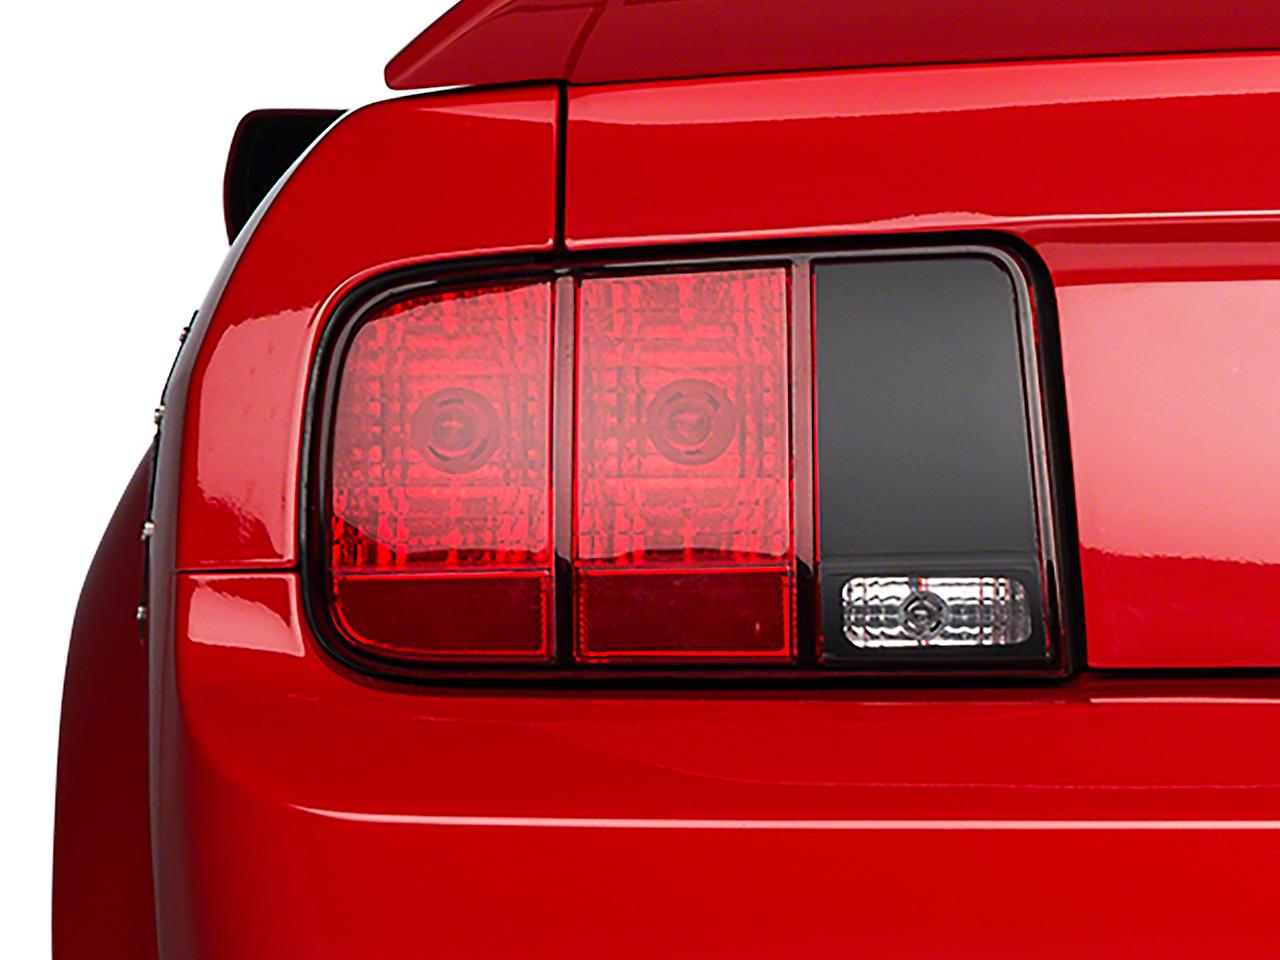 American Muscle Graphics Inner Brake Light Blackout Kit (05-09 All)